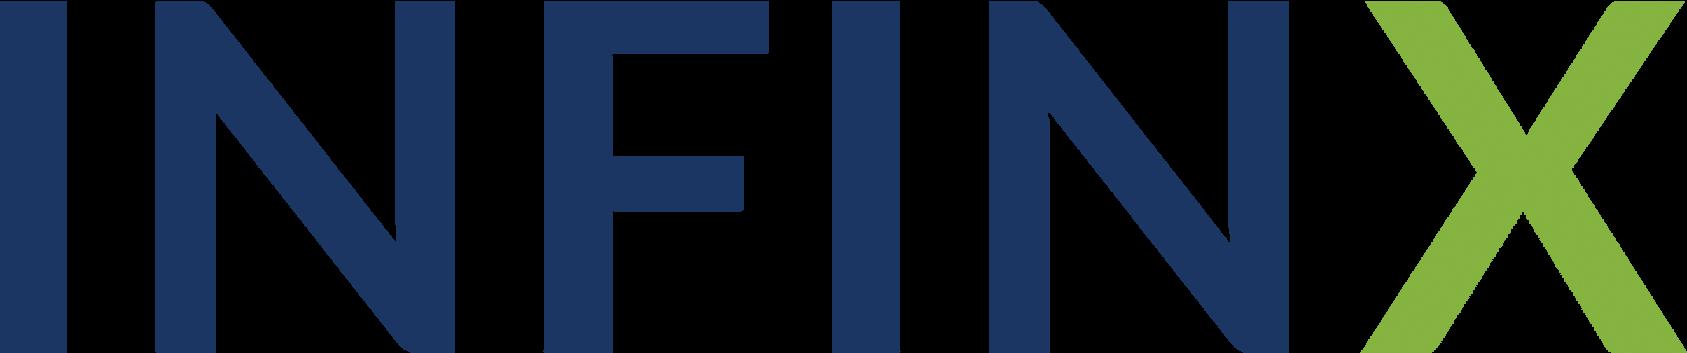 Infinx - Logo - Aurora Partner Page